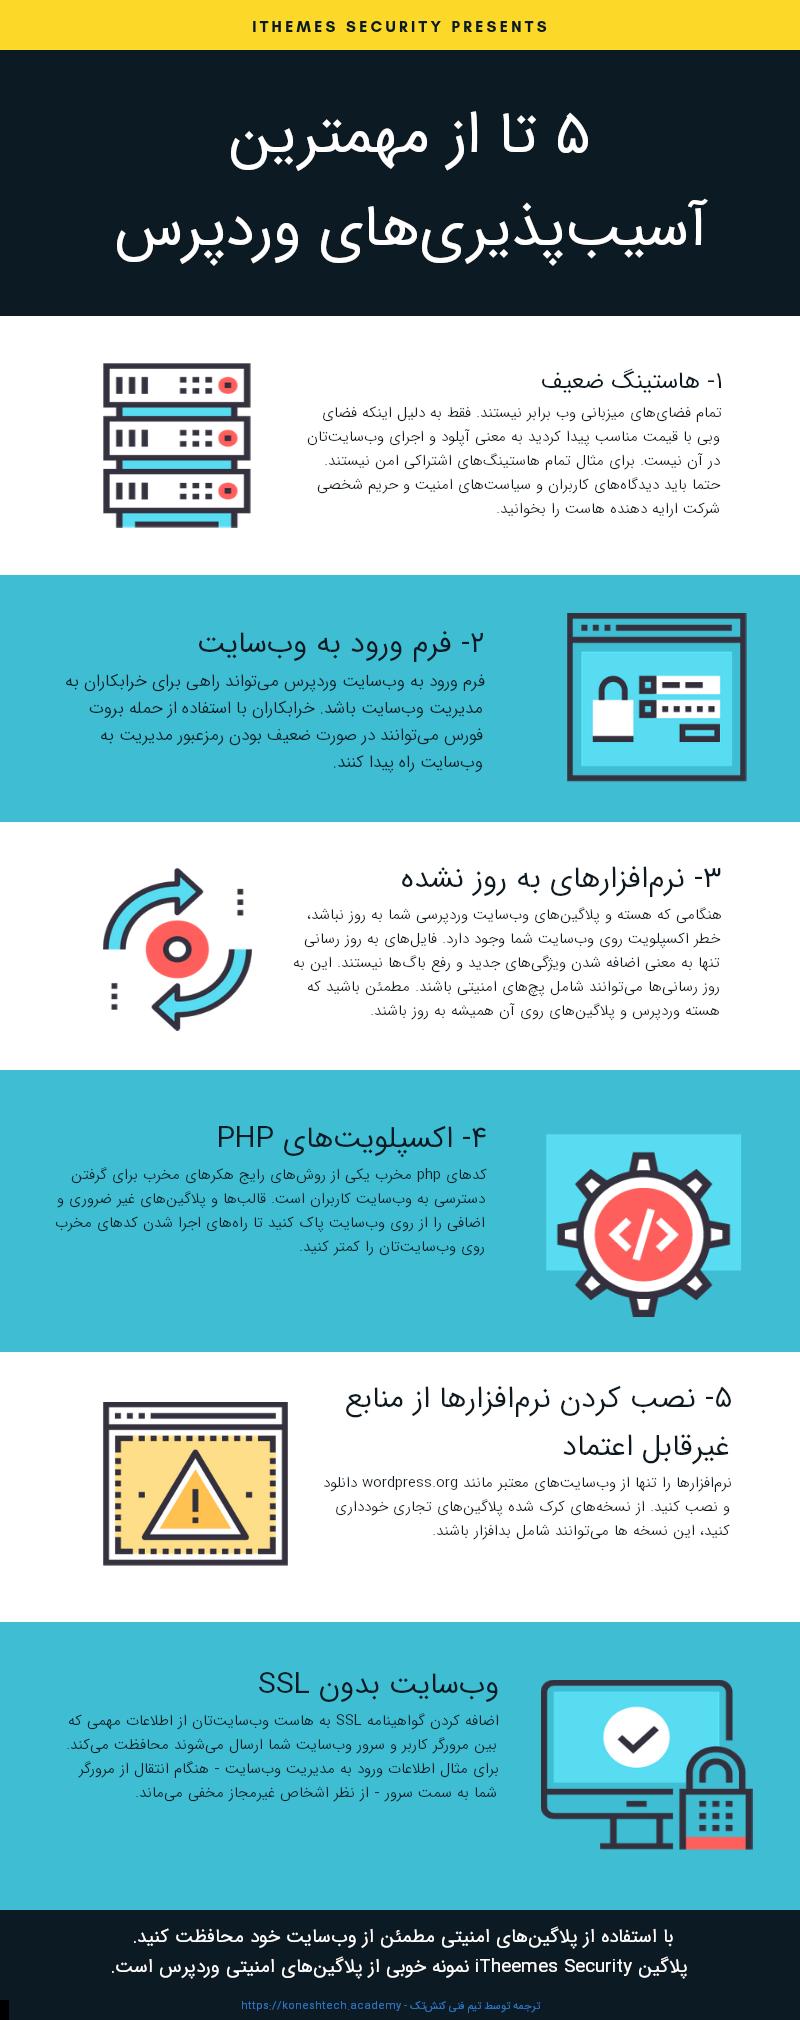 ۵ تا از مهمترین آسیبپذیریهای وبسایت وردپرس